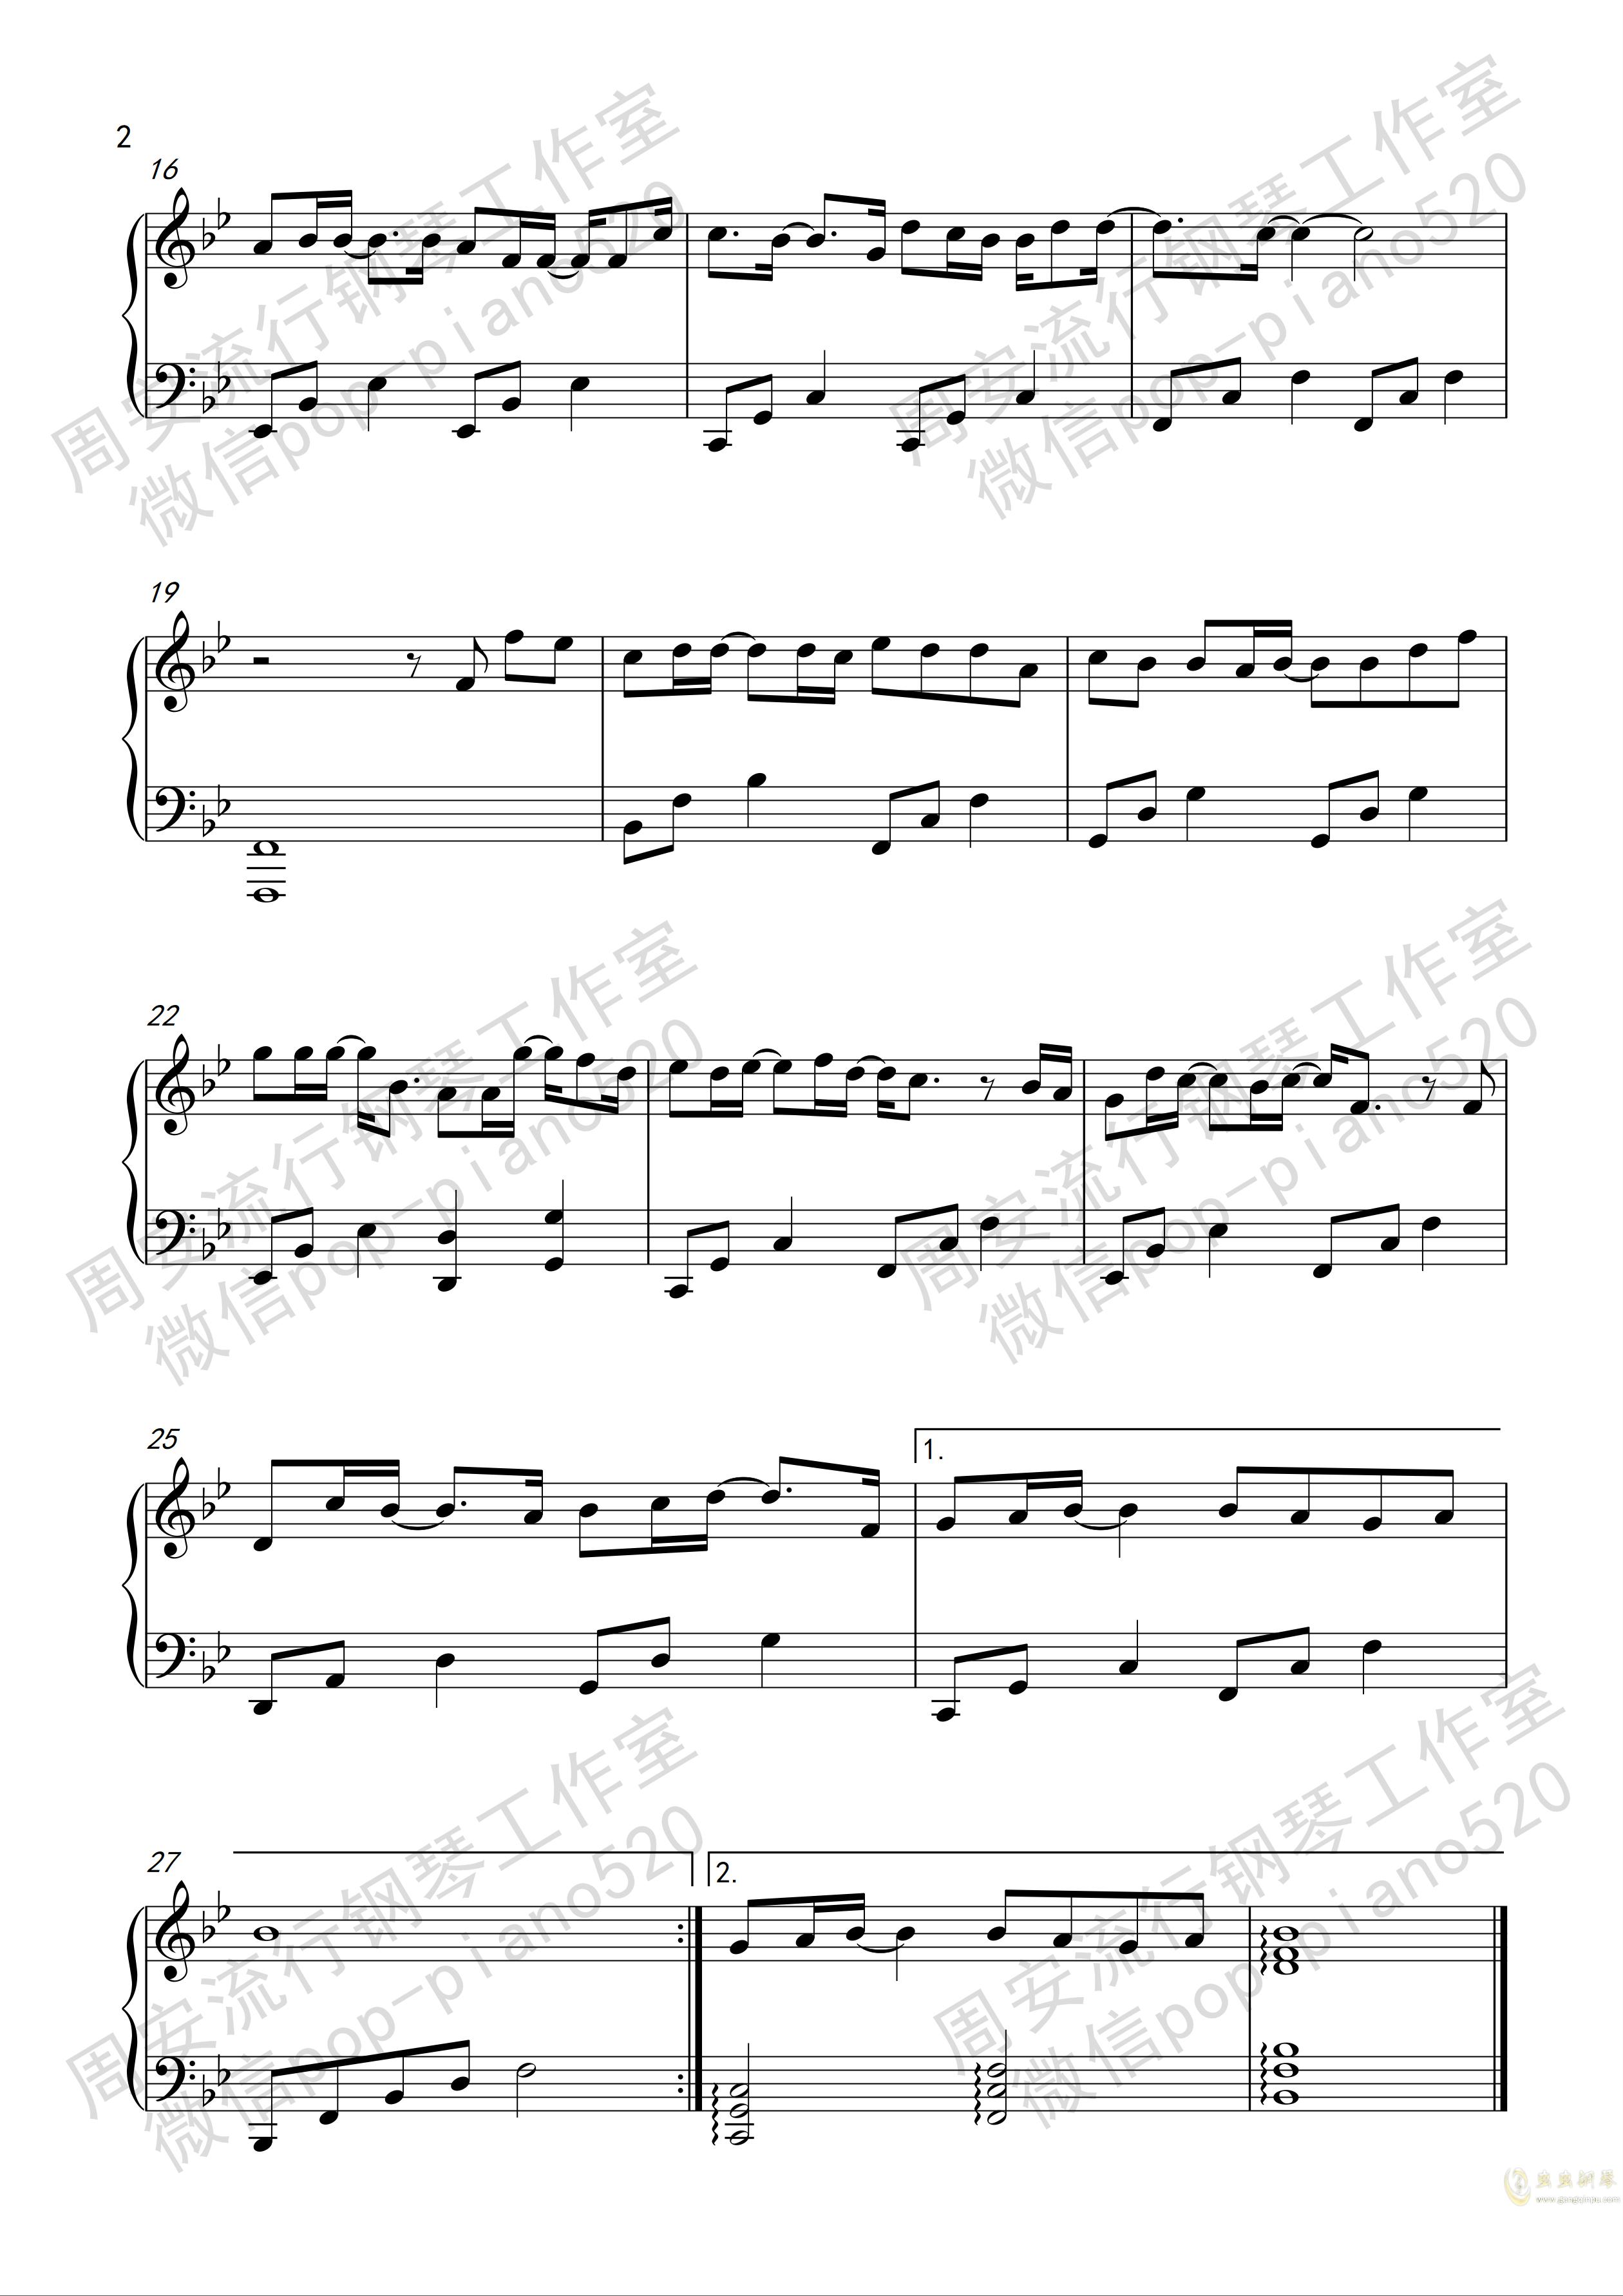 只是太爱你钢琴谱 第2页